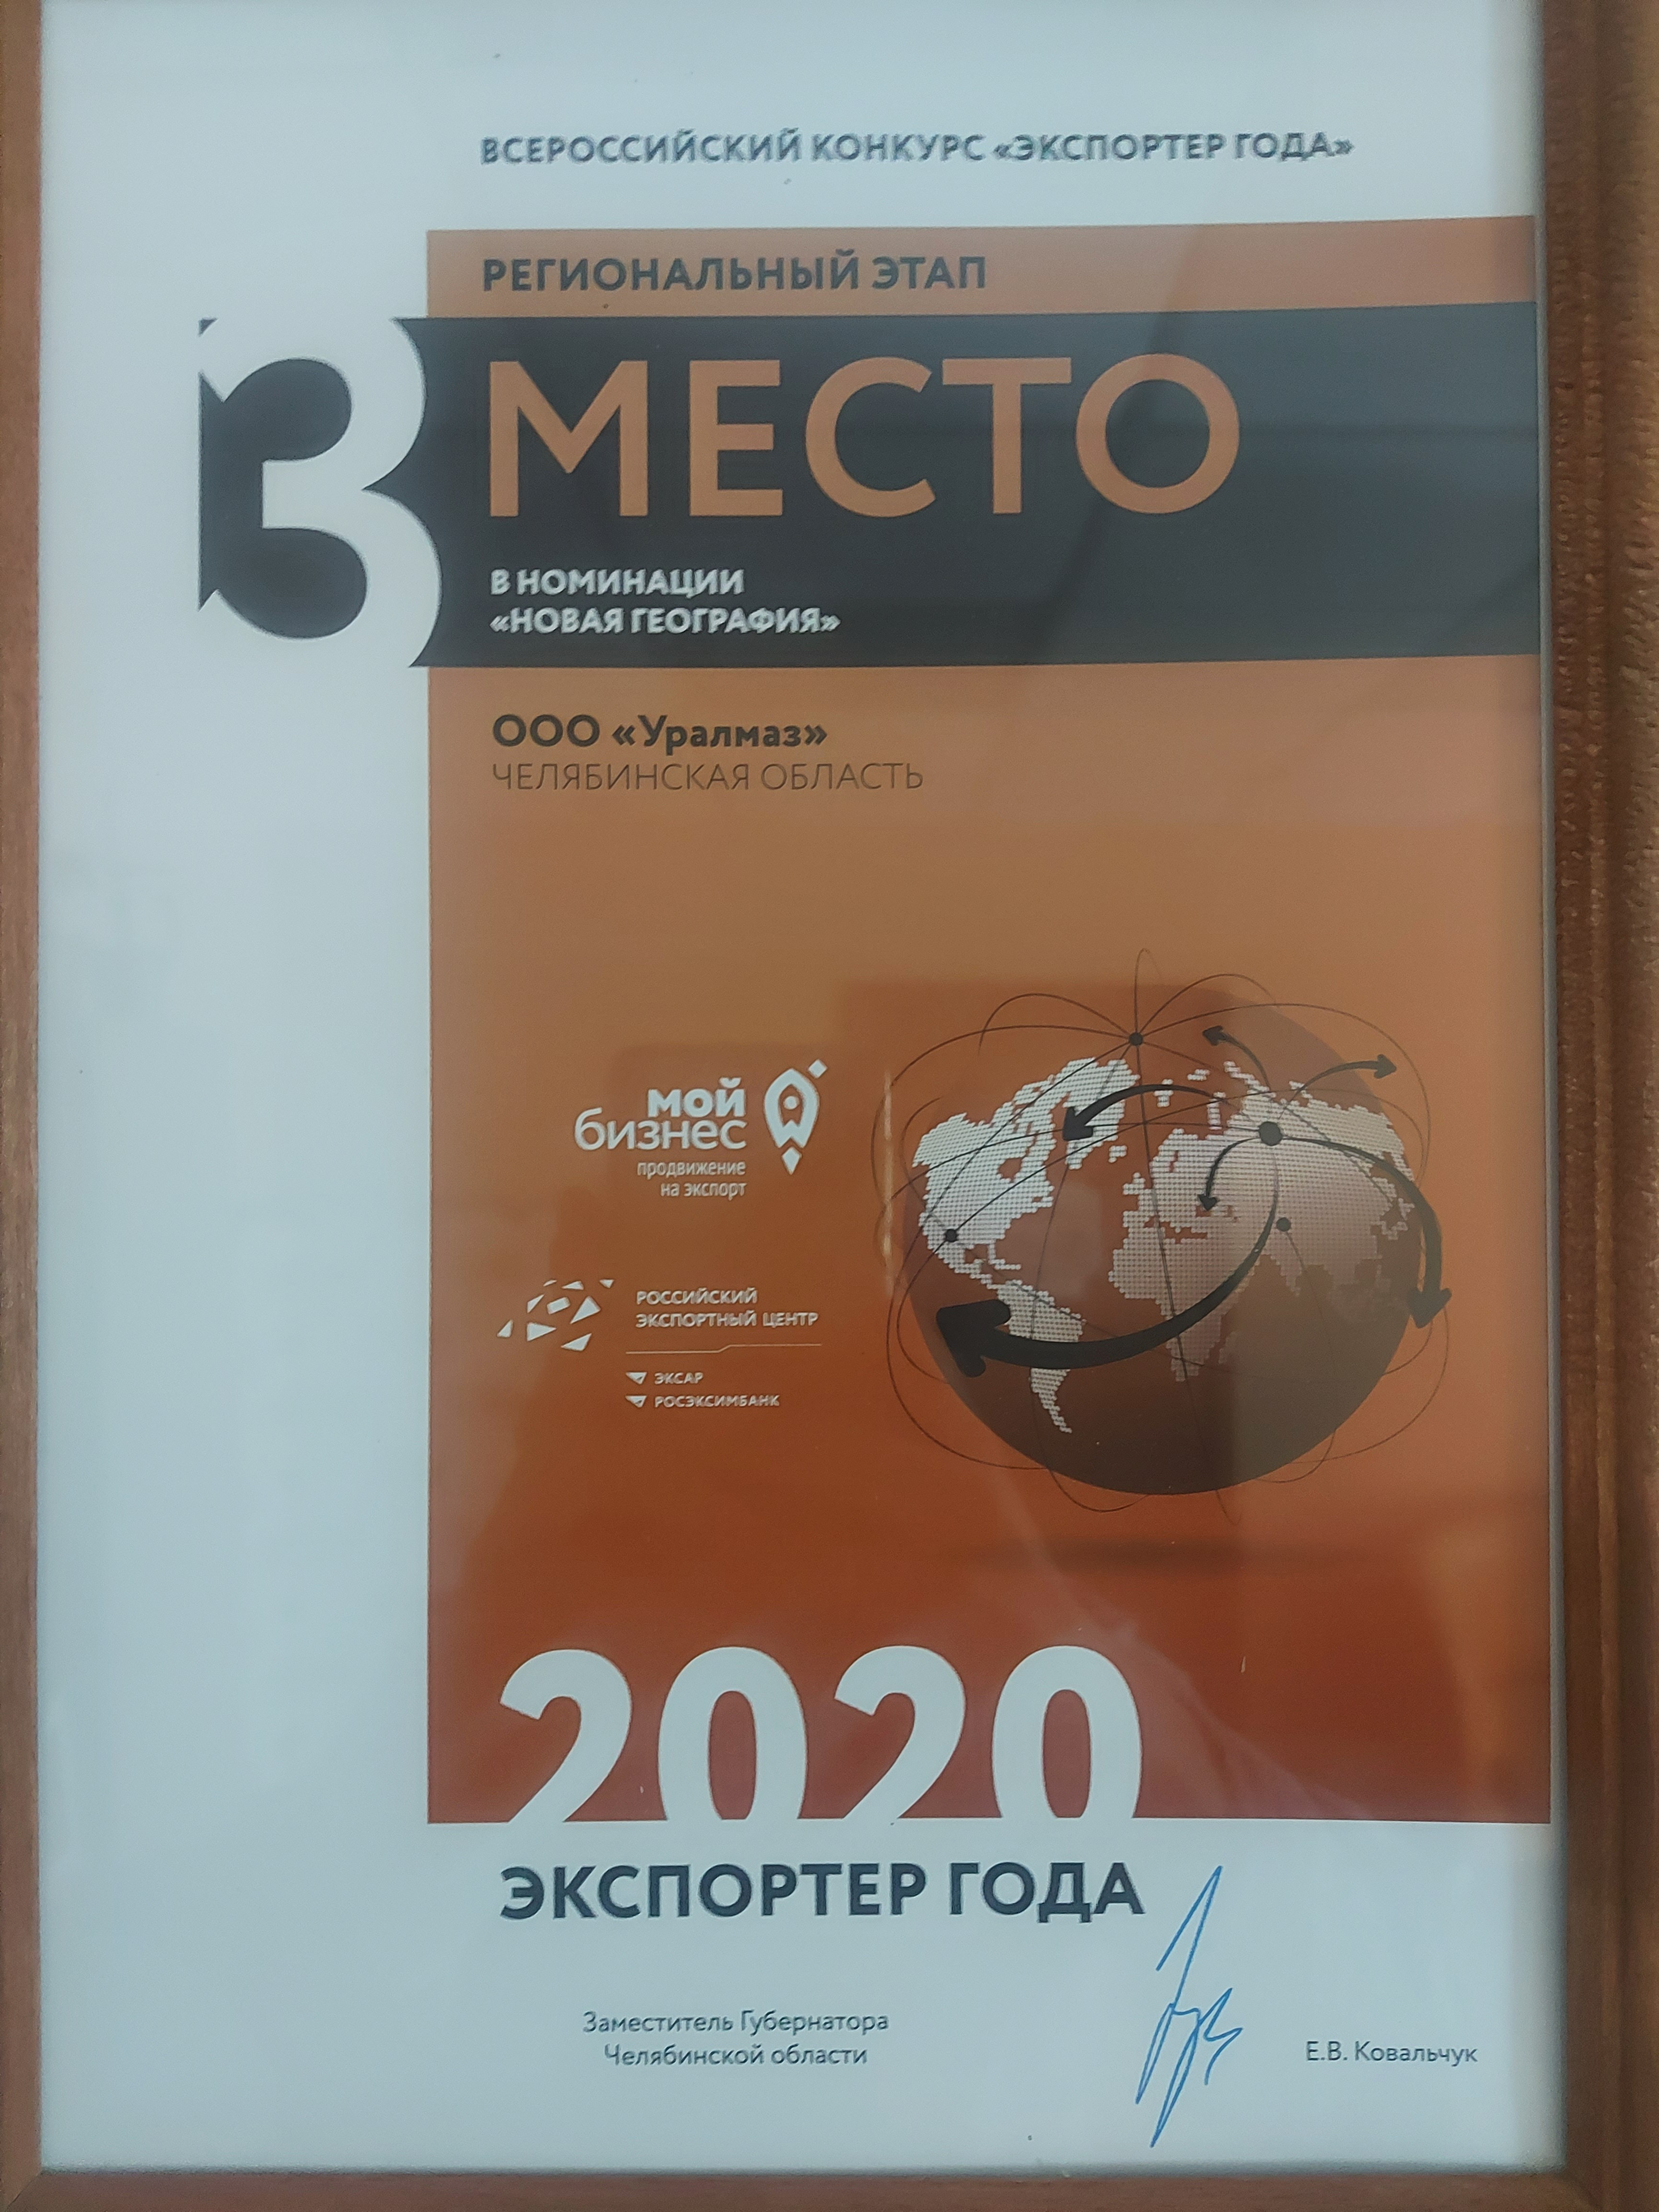 """Экспортер года """"Новая география""""2020 - 3 место"""